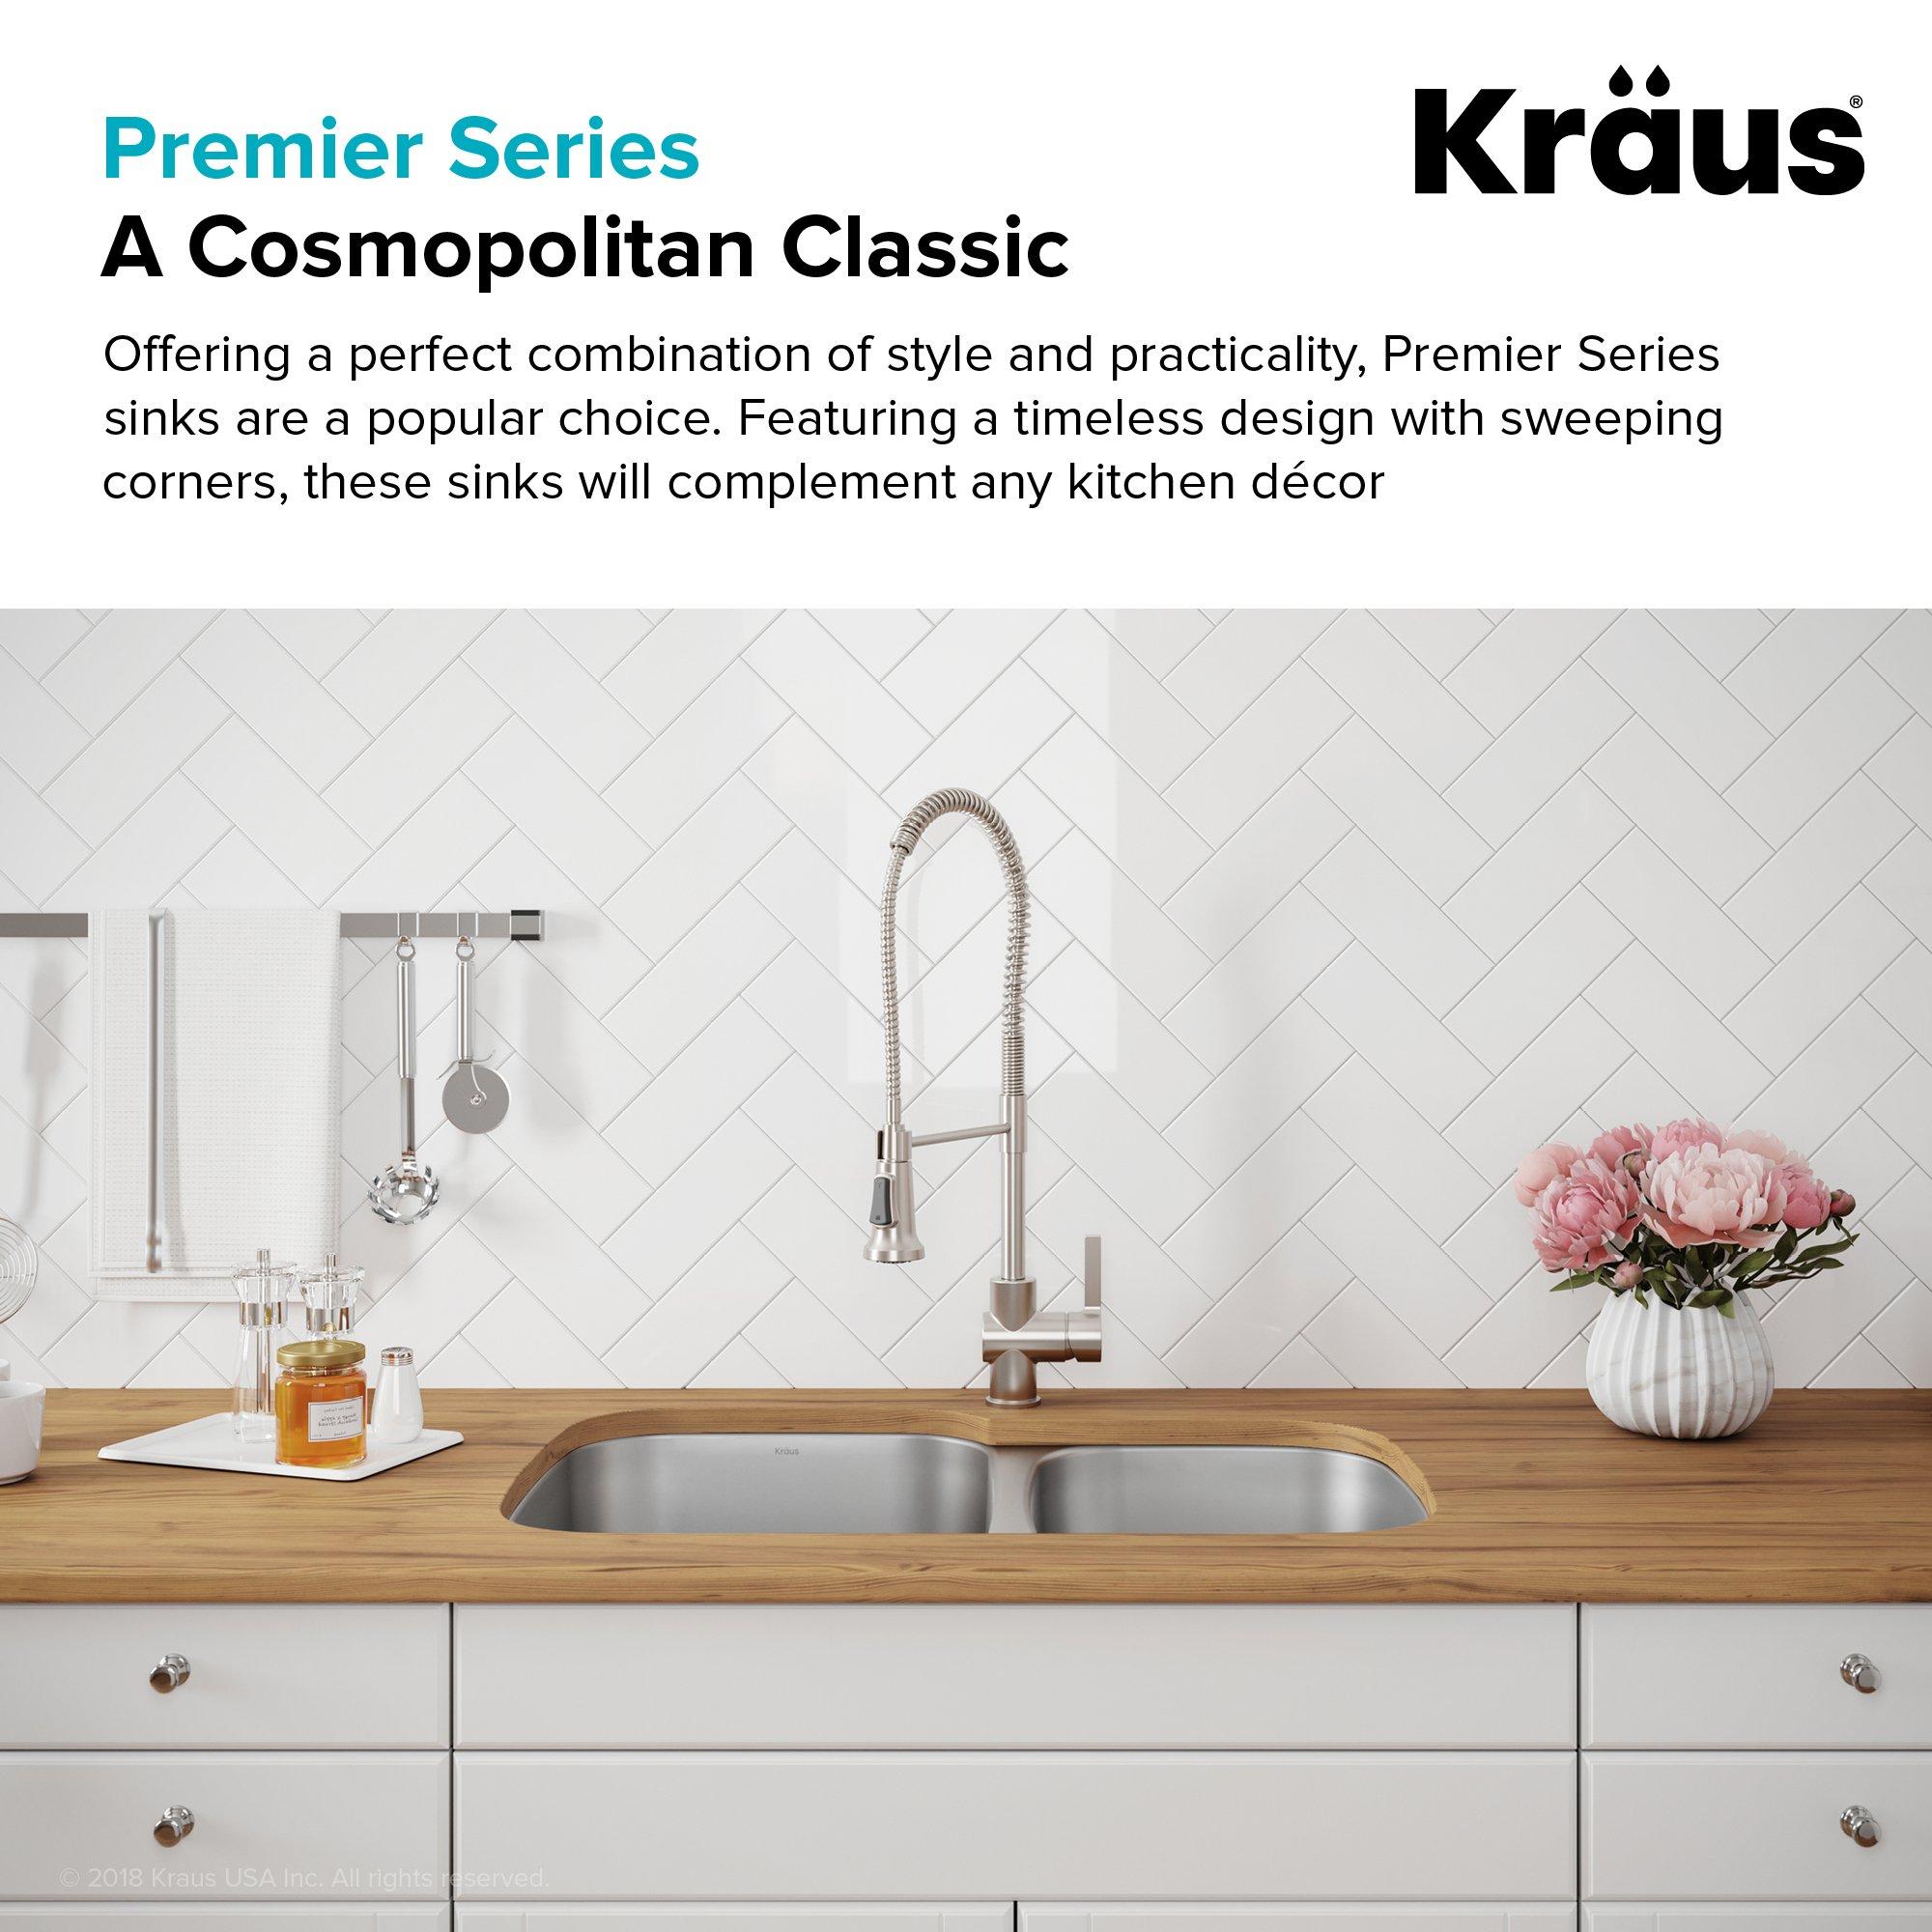 Kraus KBU21 30 inch Undermount 60/40 Double Bowl 16 gauge Stainless Steel Kitchen Sink by Kraus (Image #8)